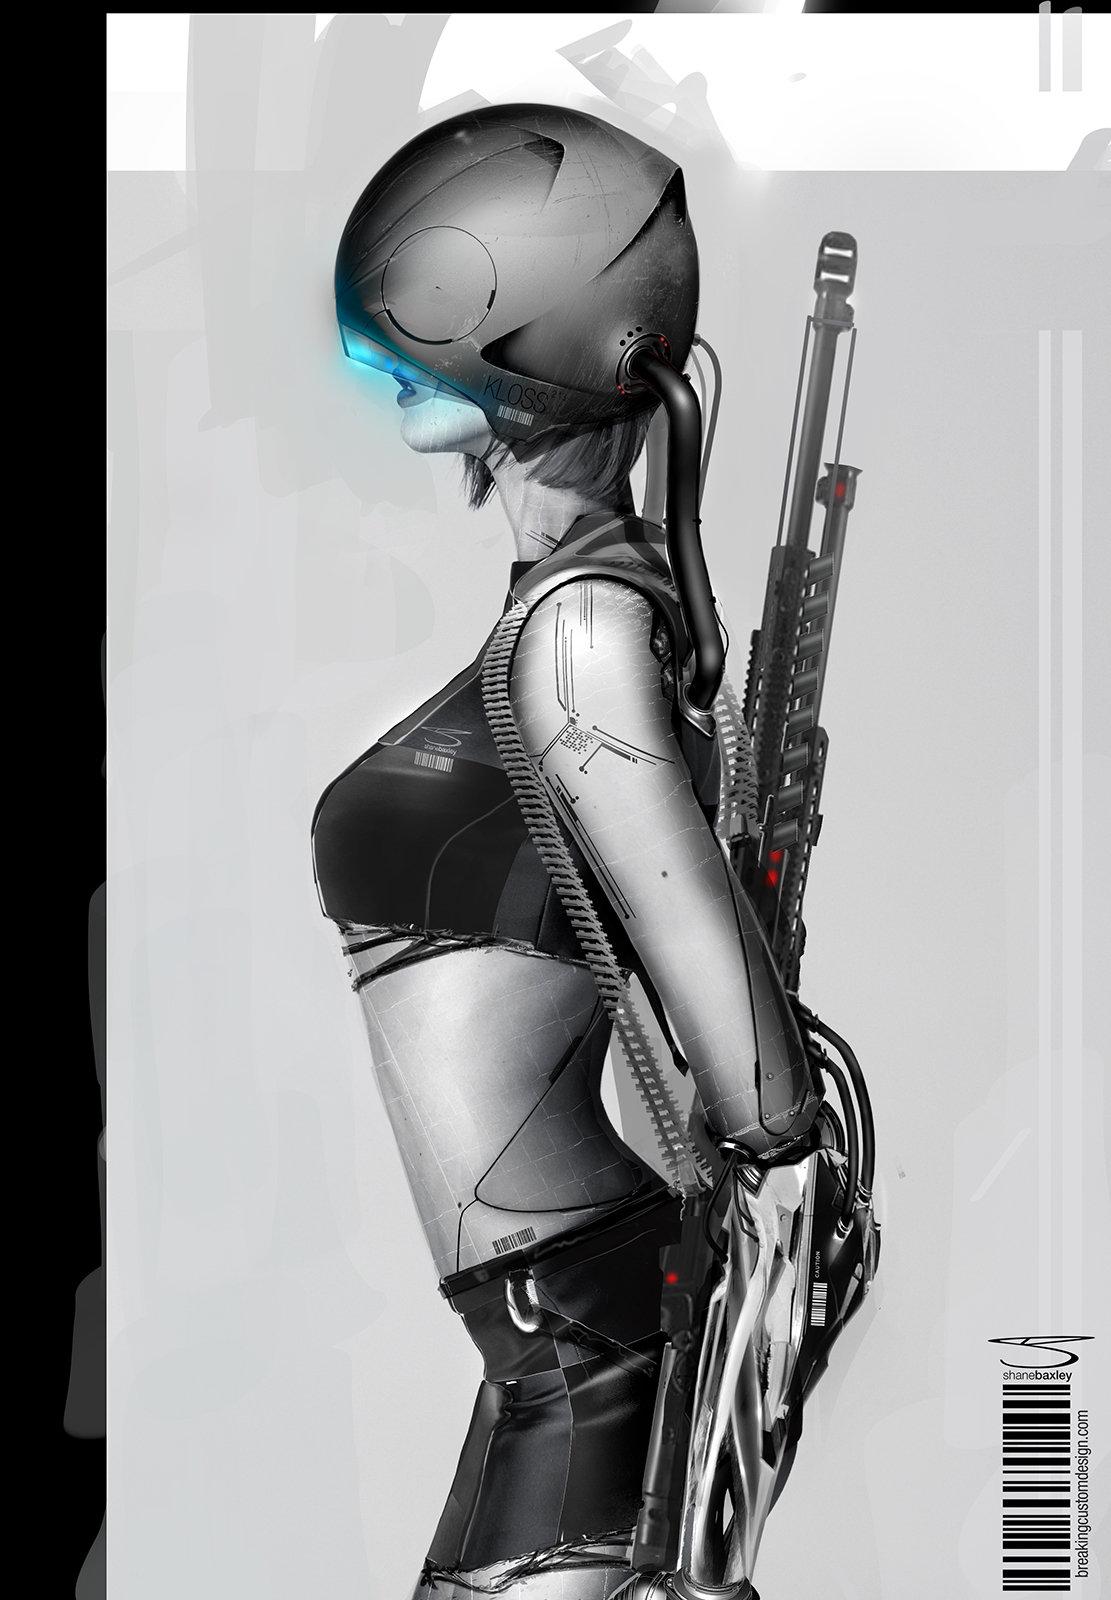 Baxley karlie cyborg lorezzed